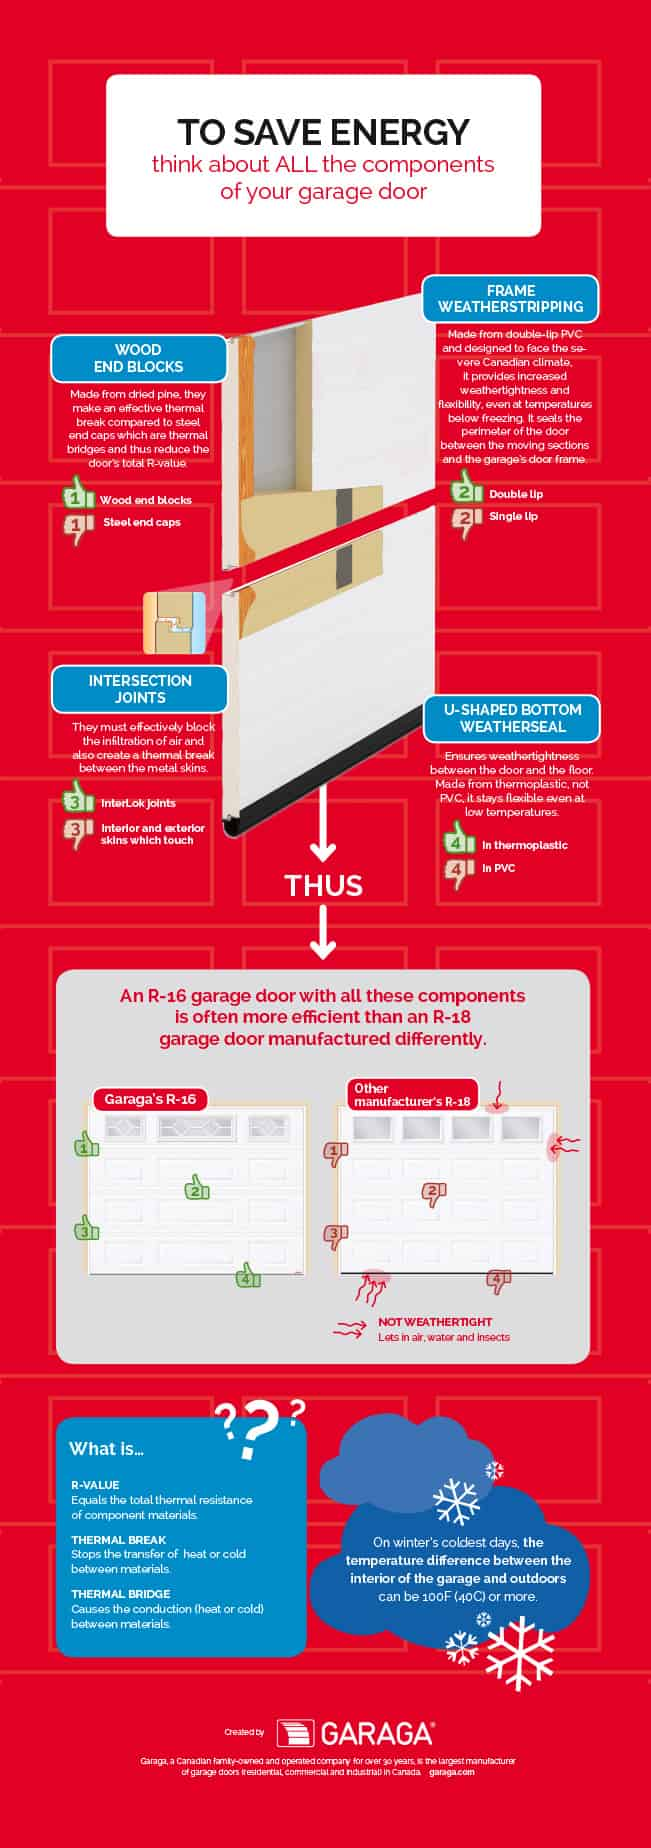 Energy Efficient Garage Doors: Save on your bills